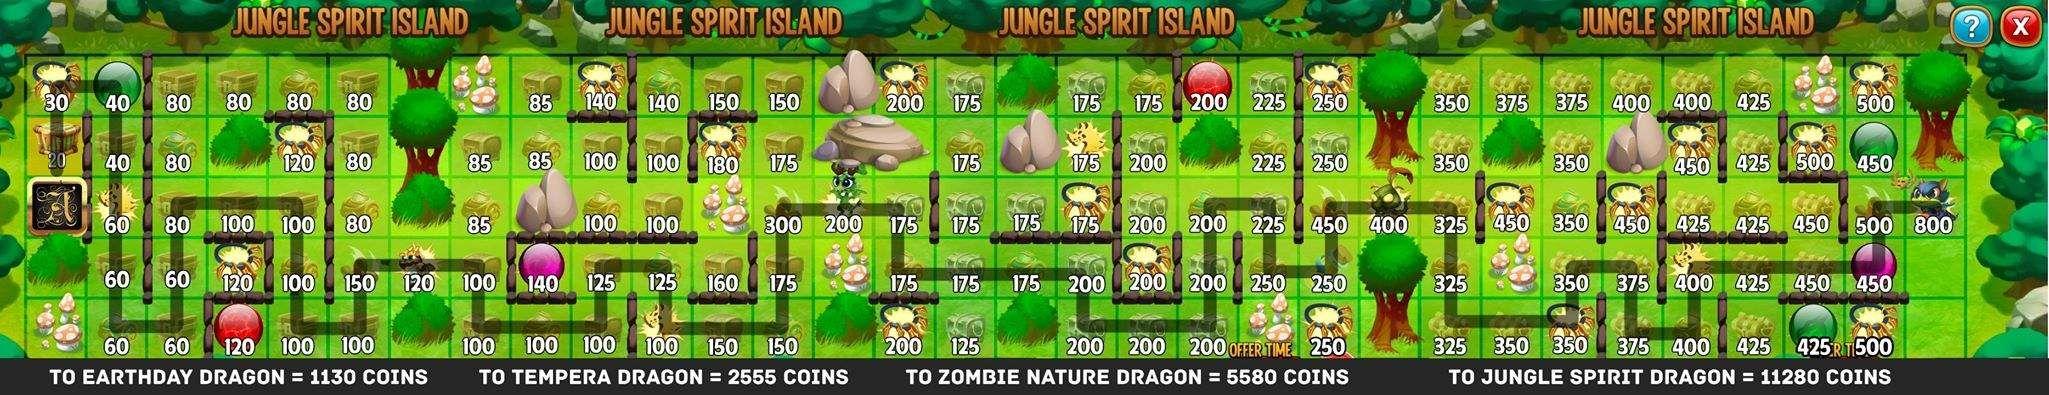 0_1595320483182_Junglemap.jpg